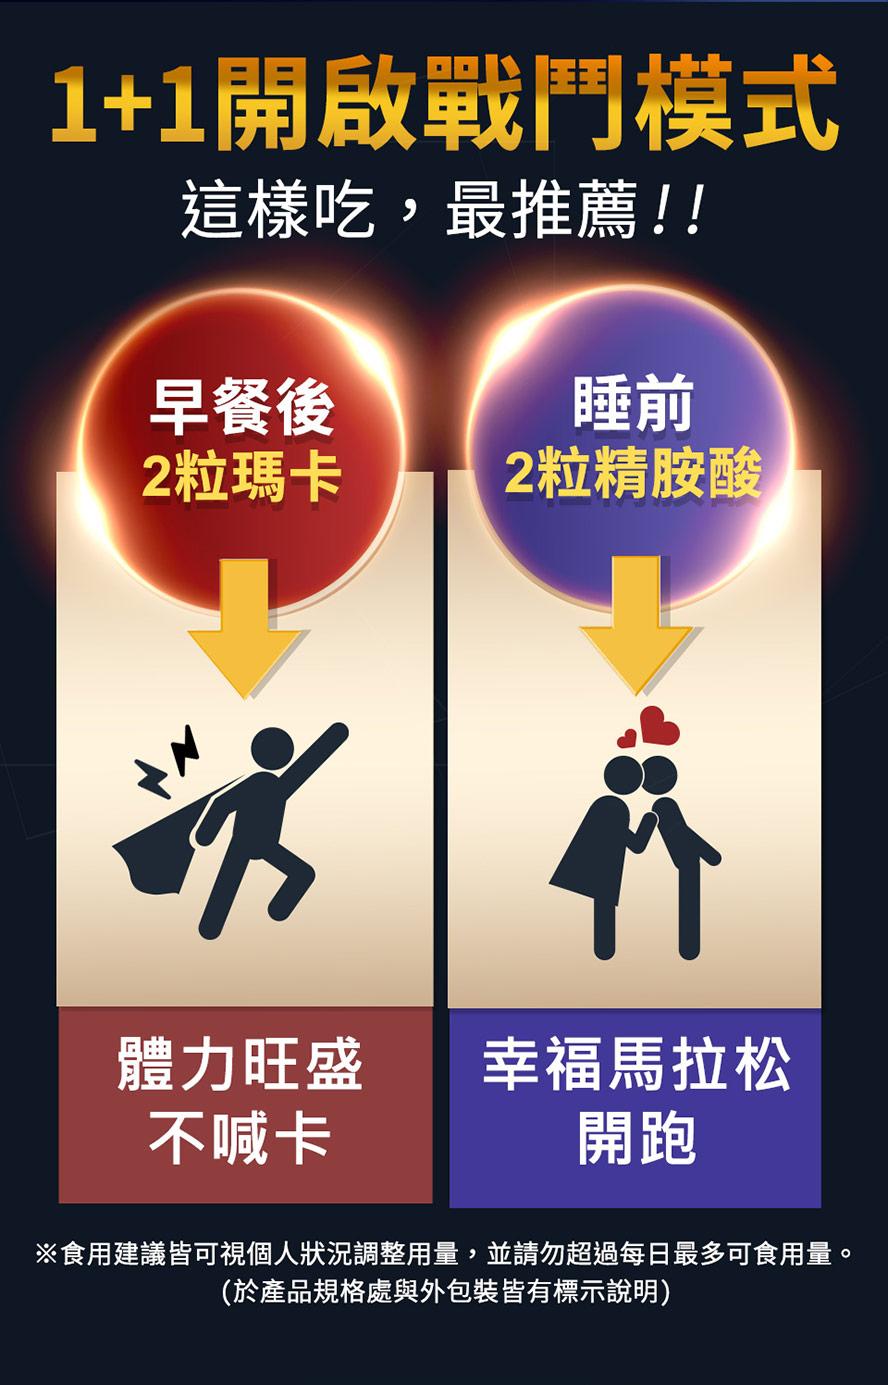 補充馬卡與精氨酸能增進性生活品質,讓男人的自信更上一層樓